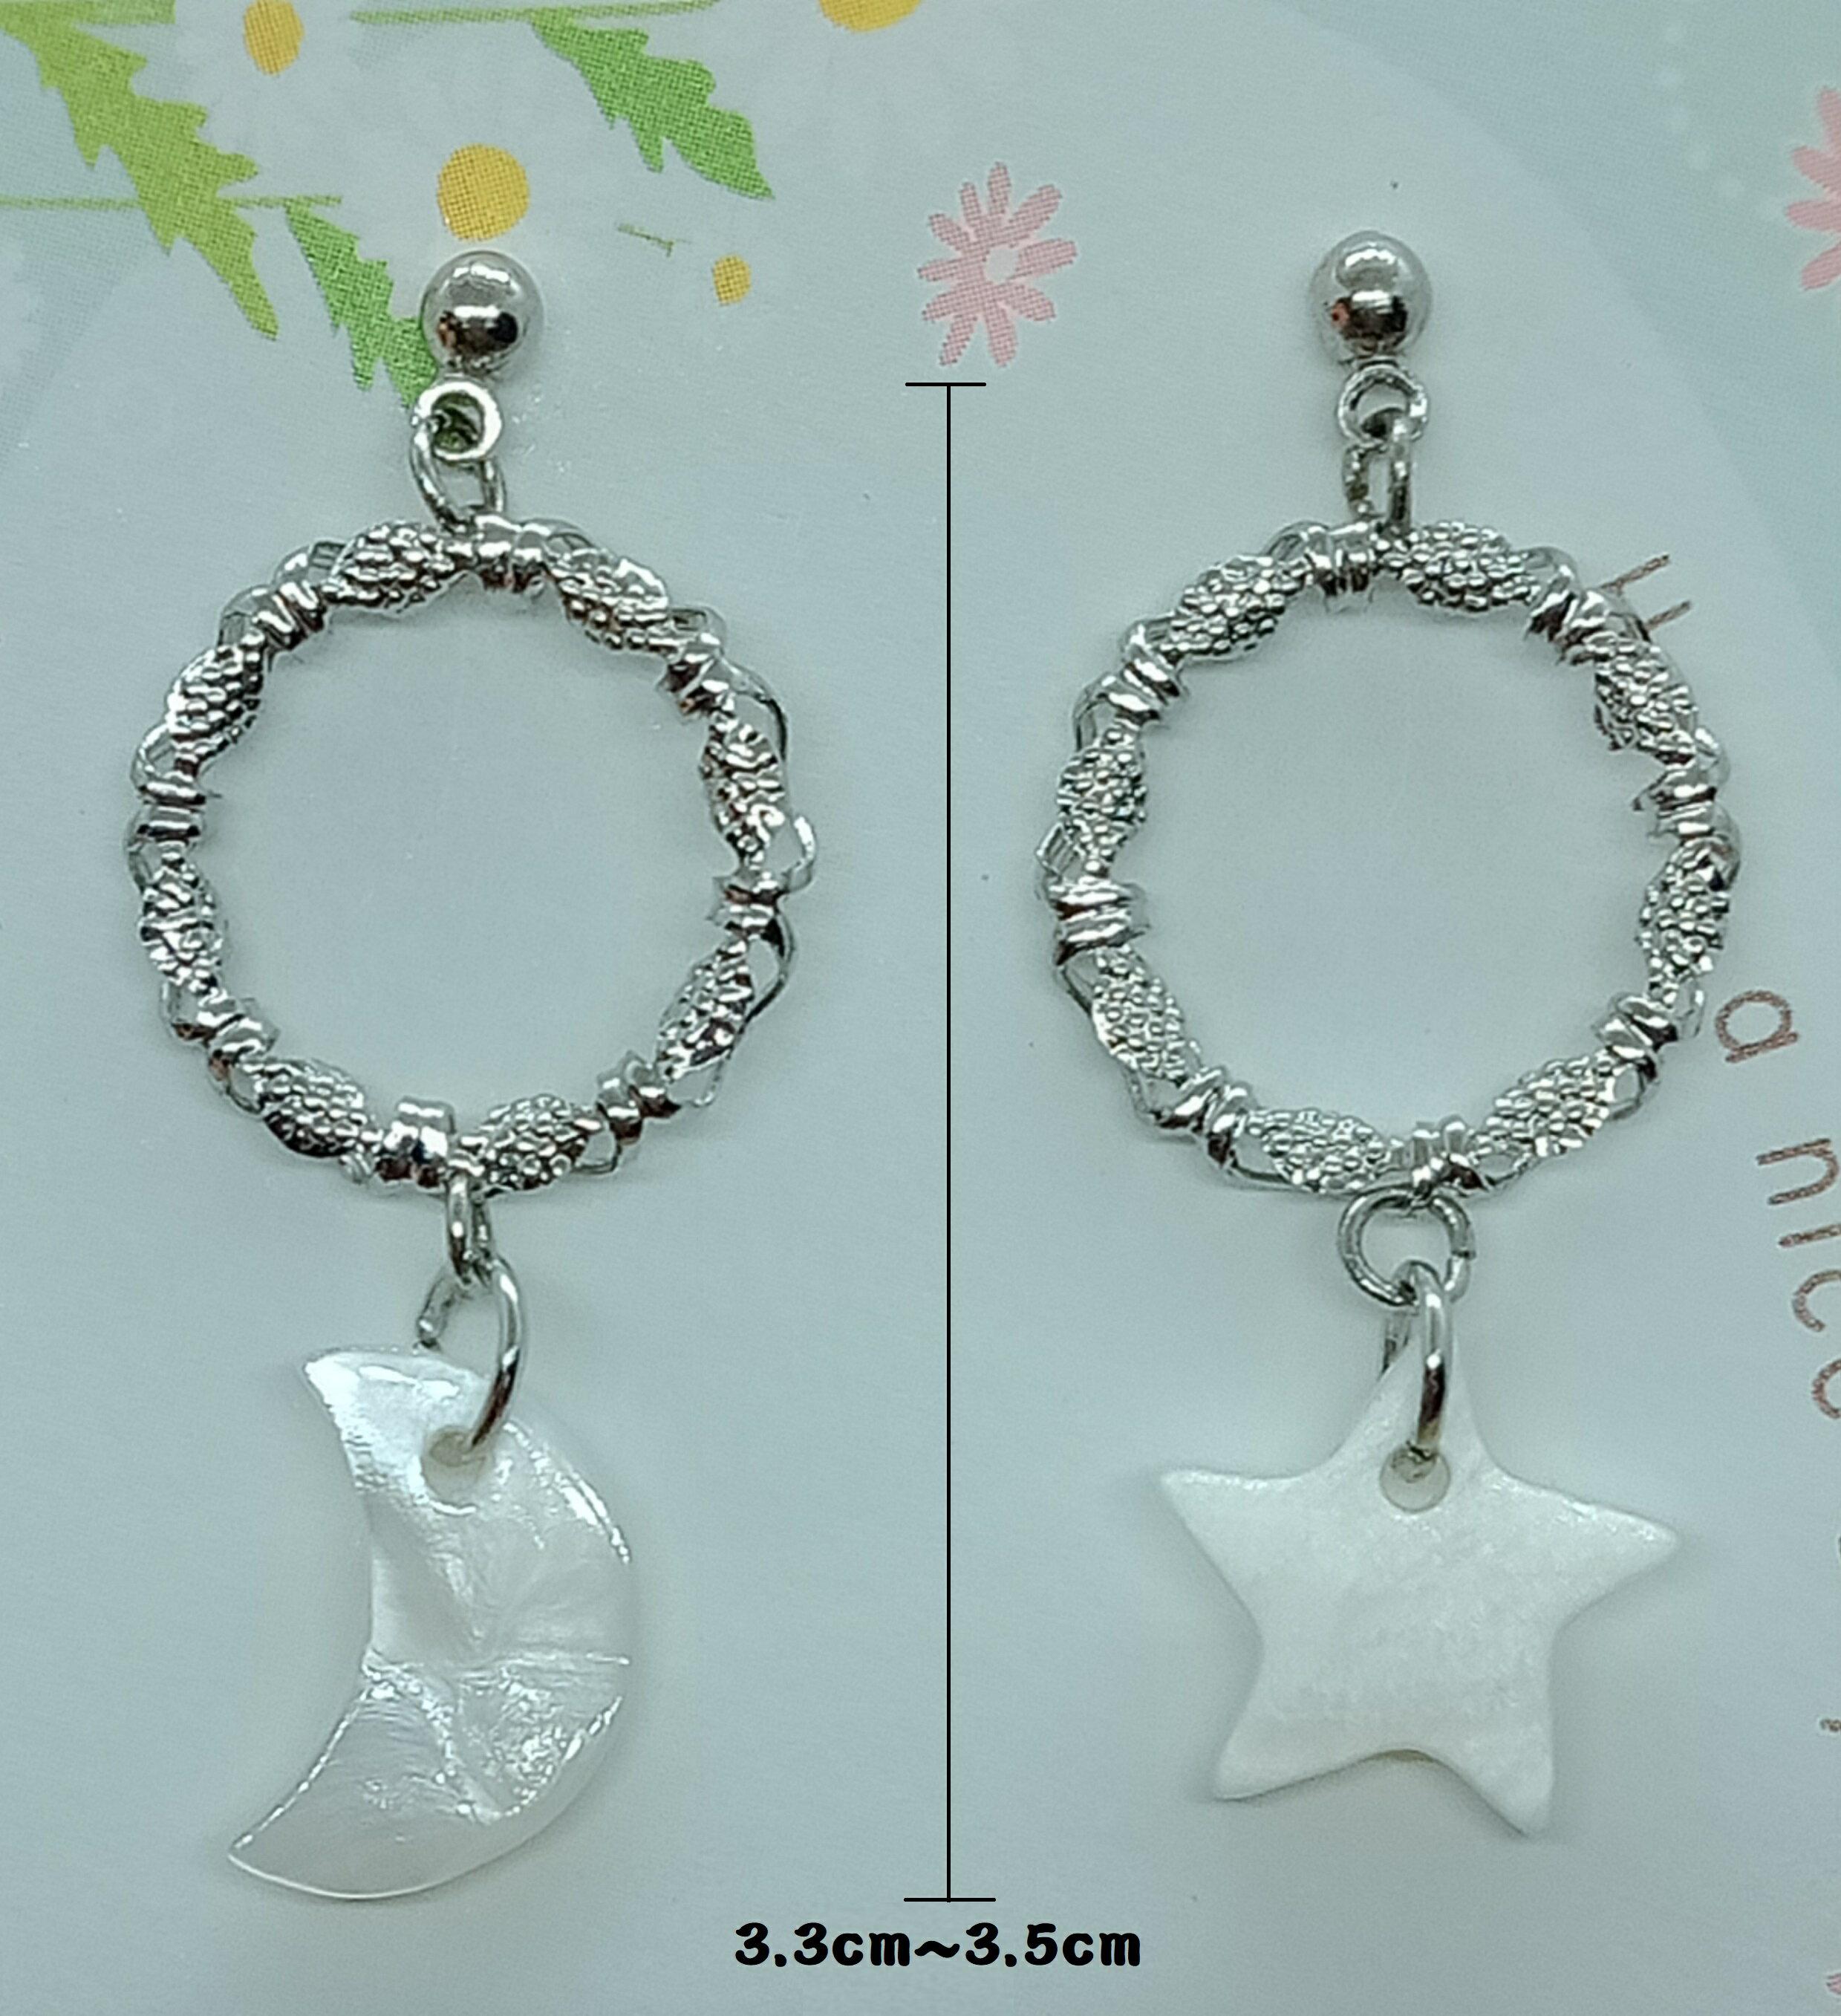 【手創/飾品】Q豆手創坊 雕花星月貝殼耳環 耳釘式耳環